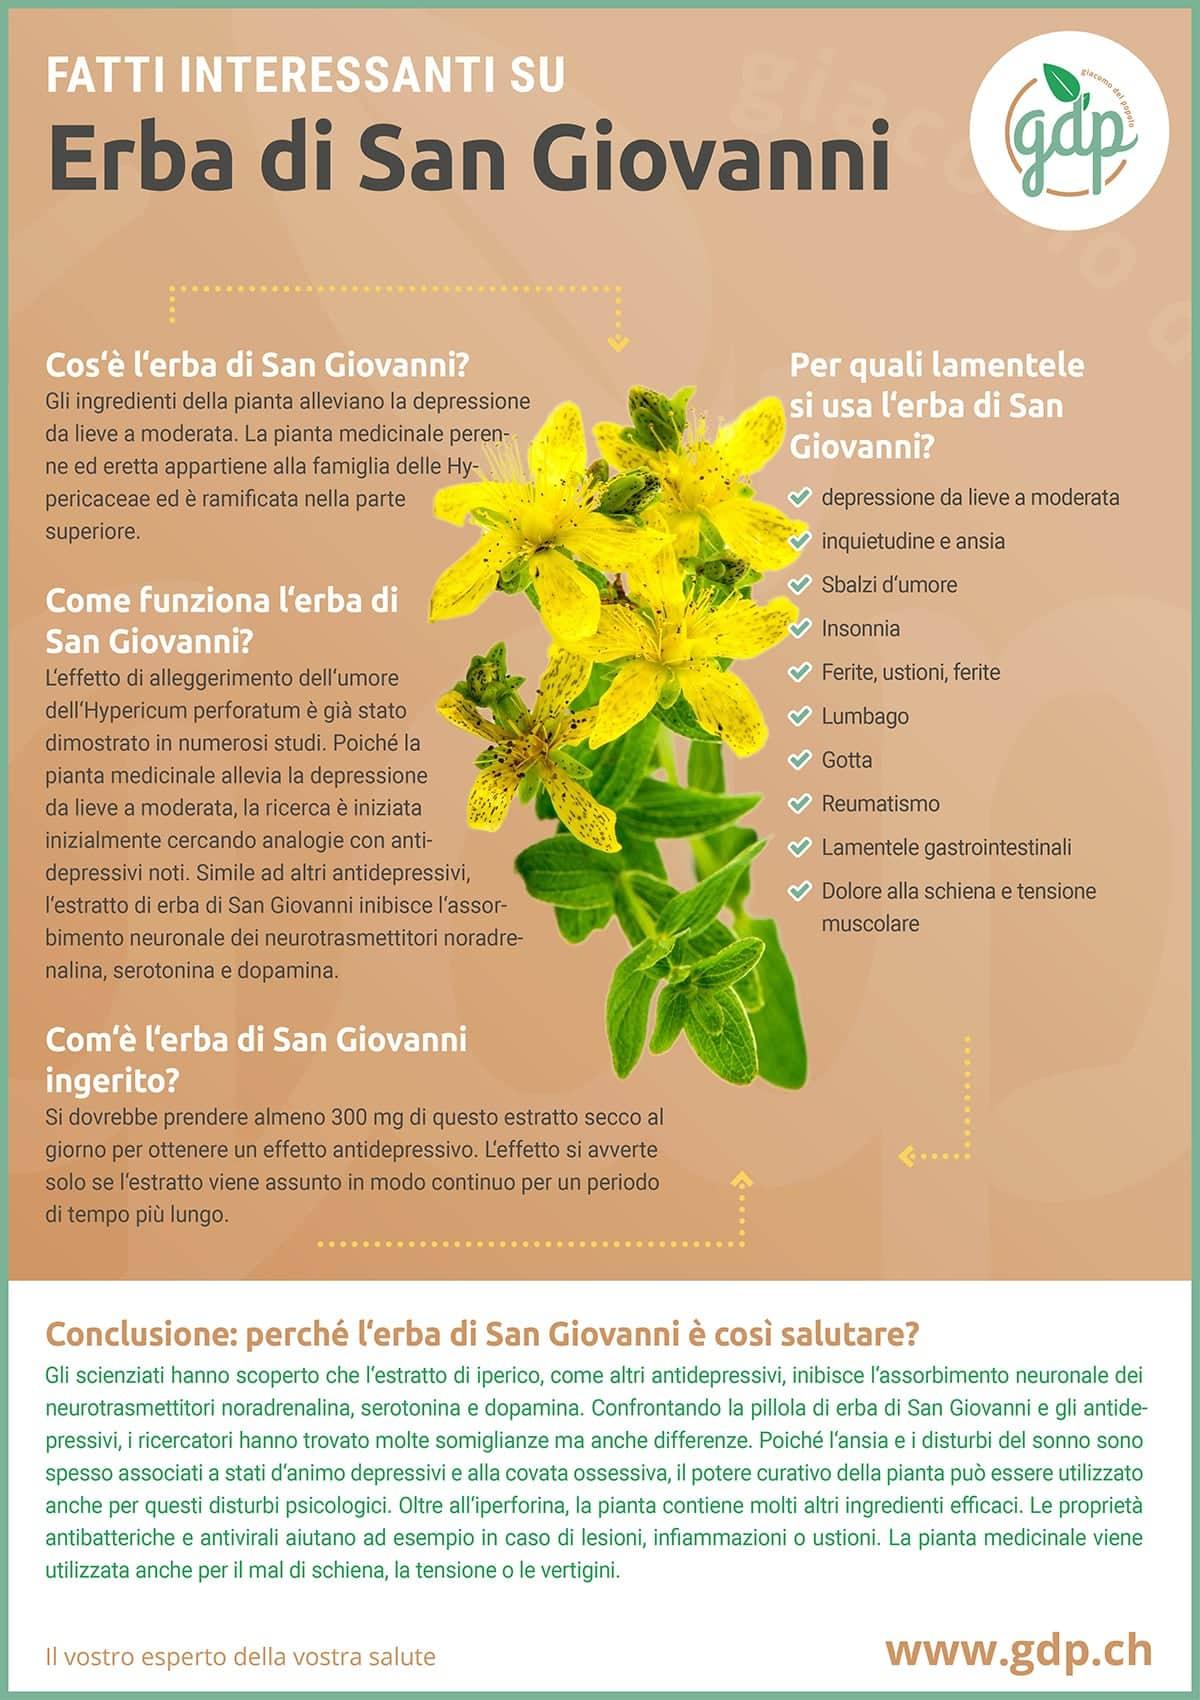 gdp infografica Erba di San Giovanni